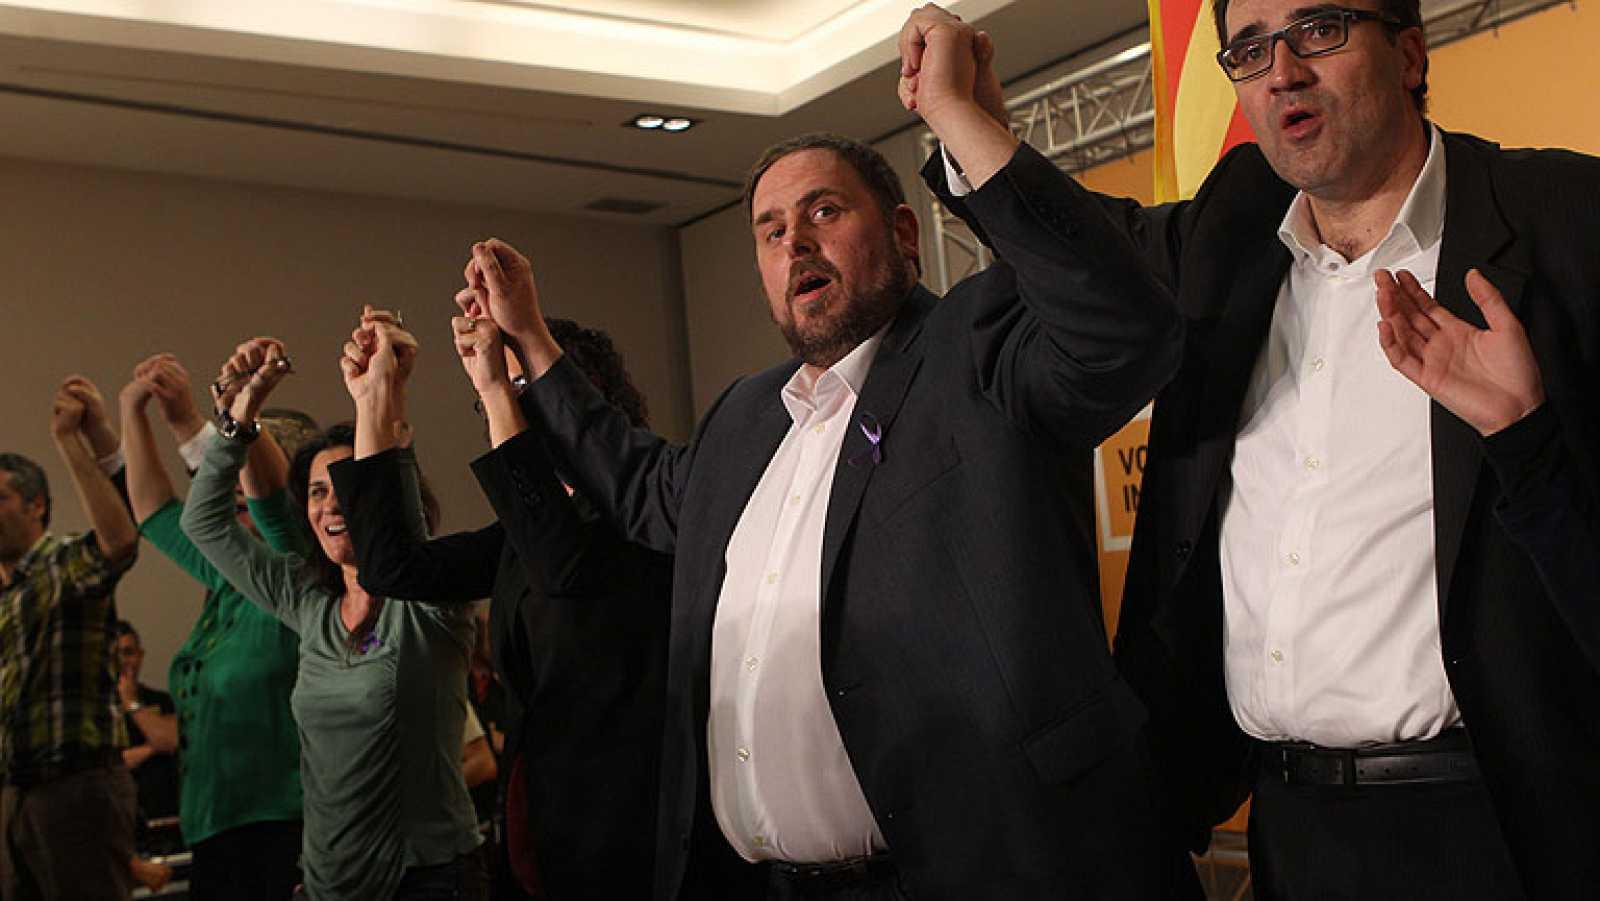 """En una comparecencia en la sede electoral de ERC, el líder de ERC, Oriol Junqueras, ha hecho constar su """"alegría"""" por el avance conseguido por Esquerra, que se ha convertido en la segunda fuerza de Cataluña con 21 diputados."""